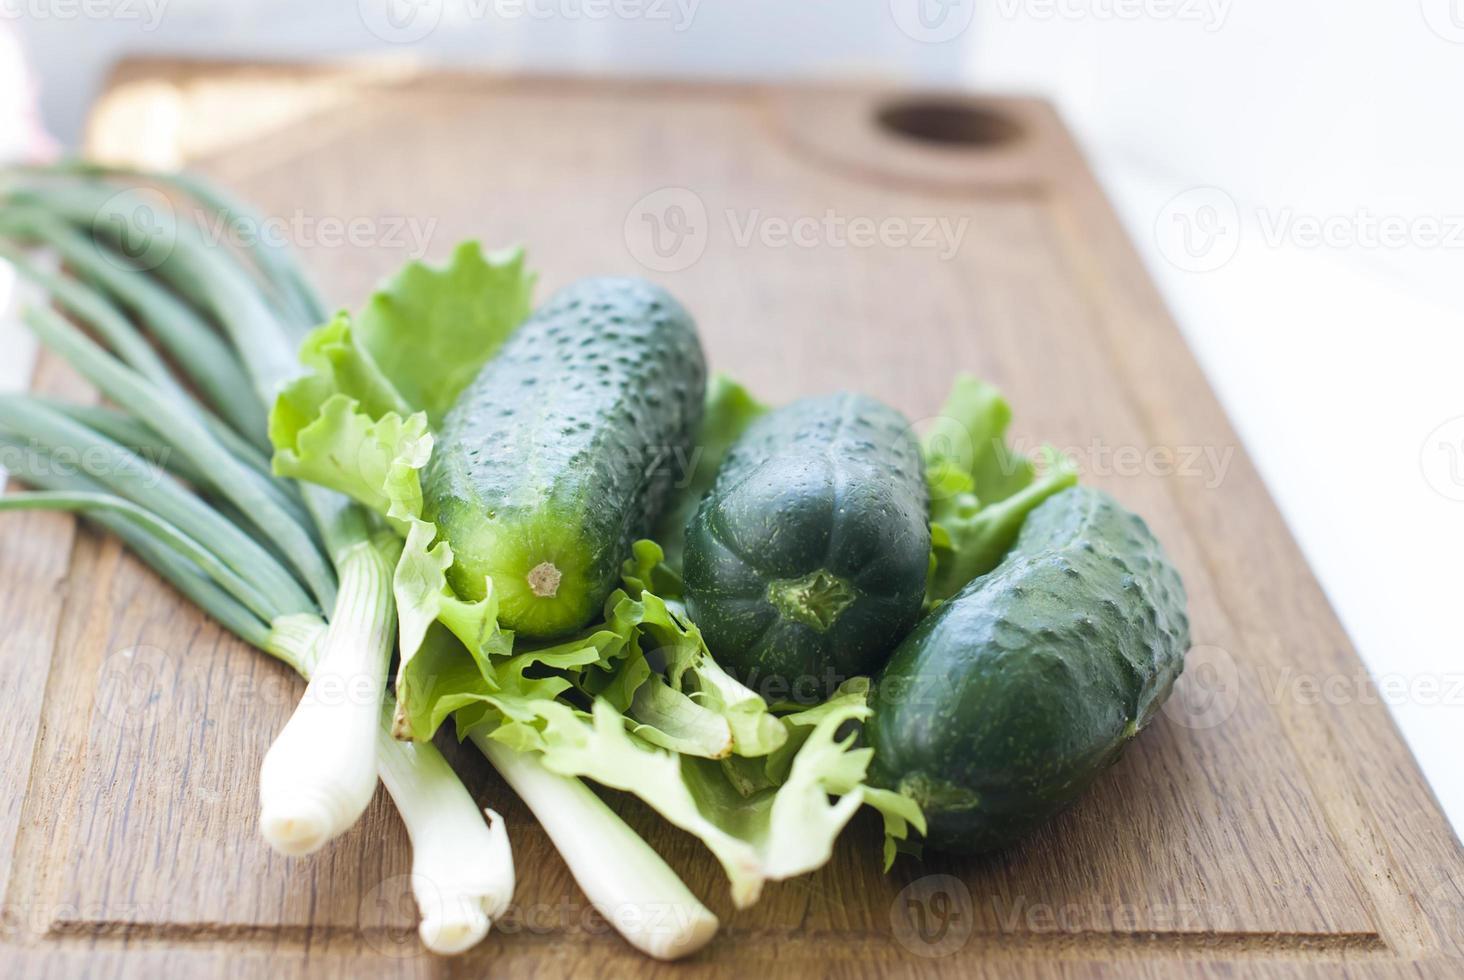 concombres et oignons verts pour salade photo